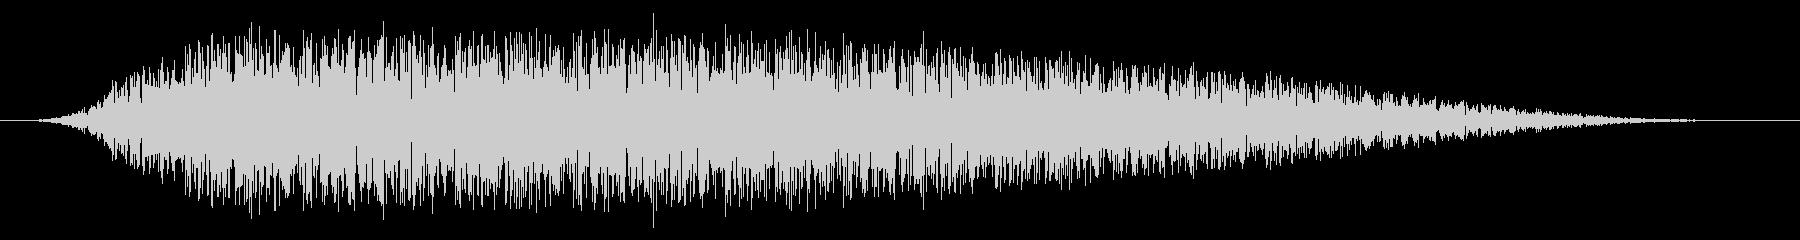 SNES 野球01-09(歓声)の未再生の波形